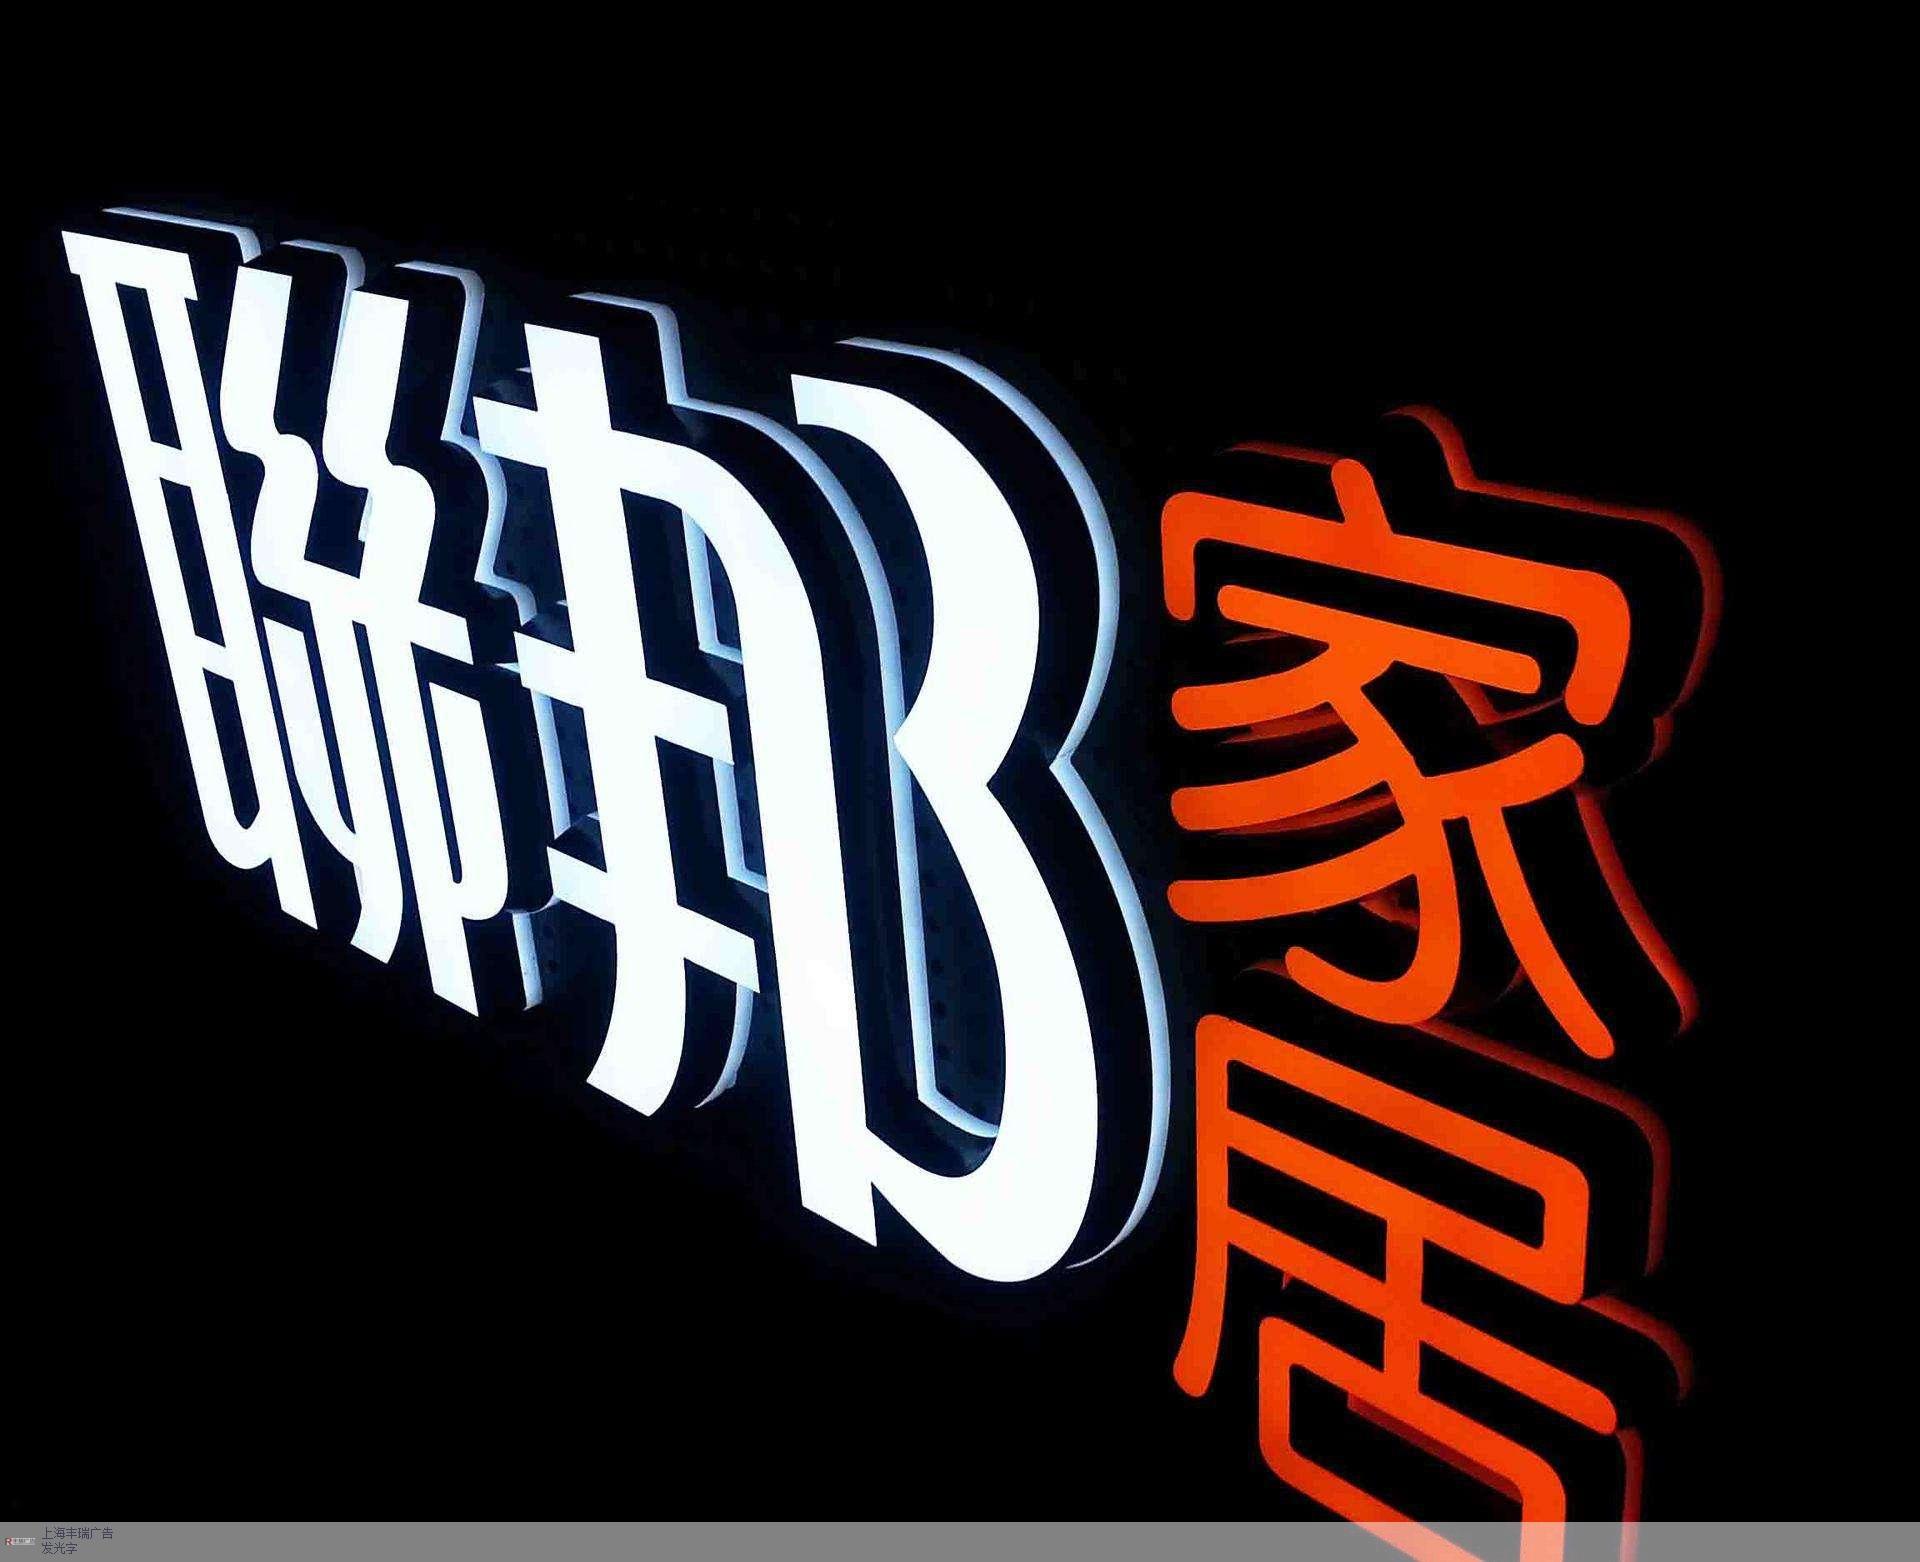 宝山区精品发光字性价比高 和谐共赢「上海丰瑞广告供应」